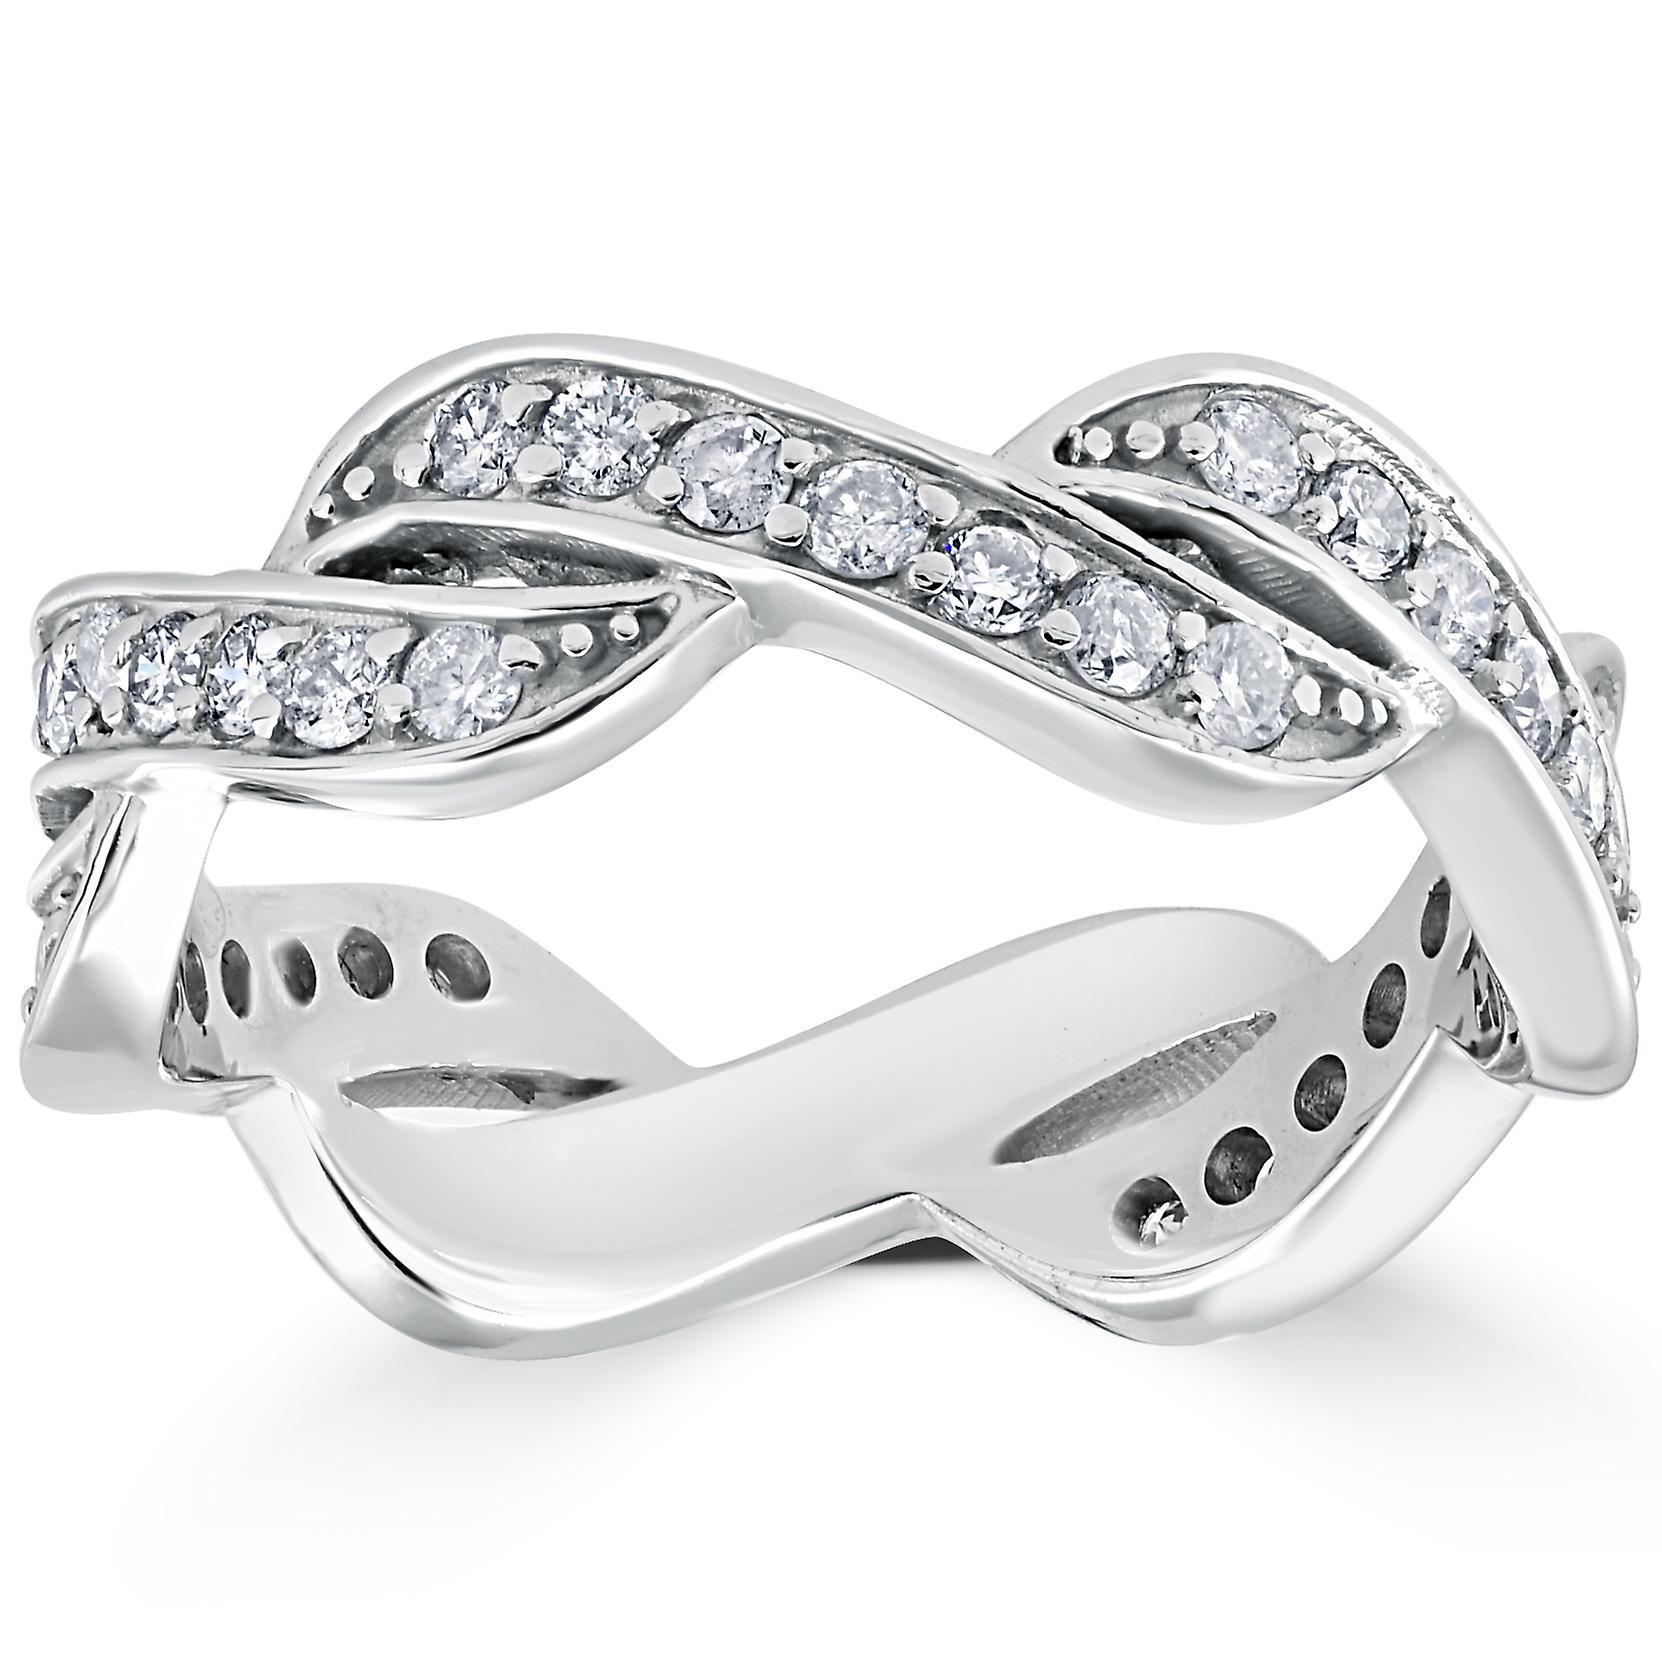 5/8 CT Diamond Infinity Anniversary Wedding Ring 14K White Gold